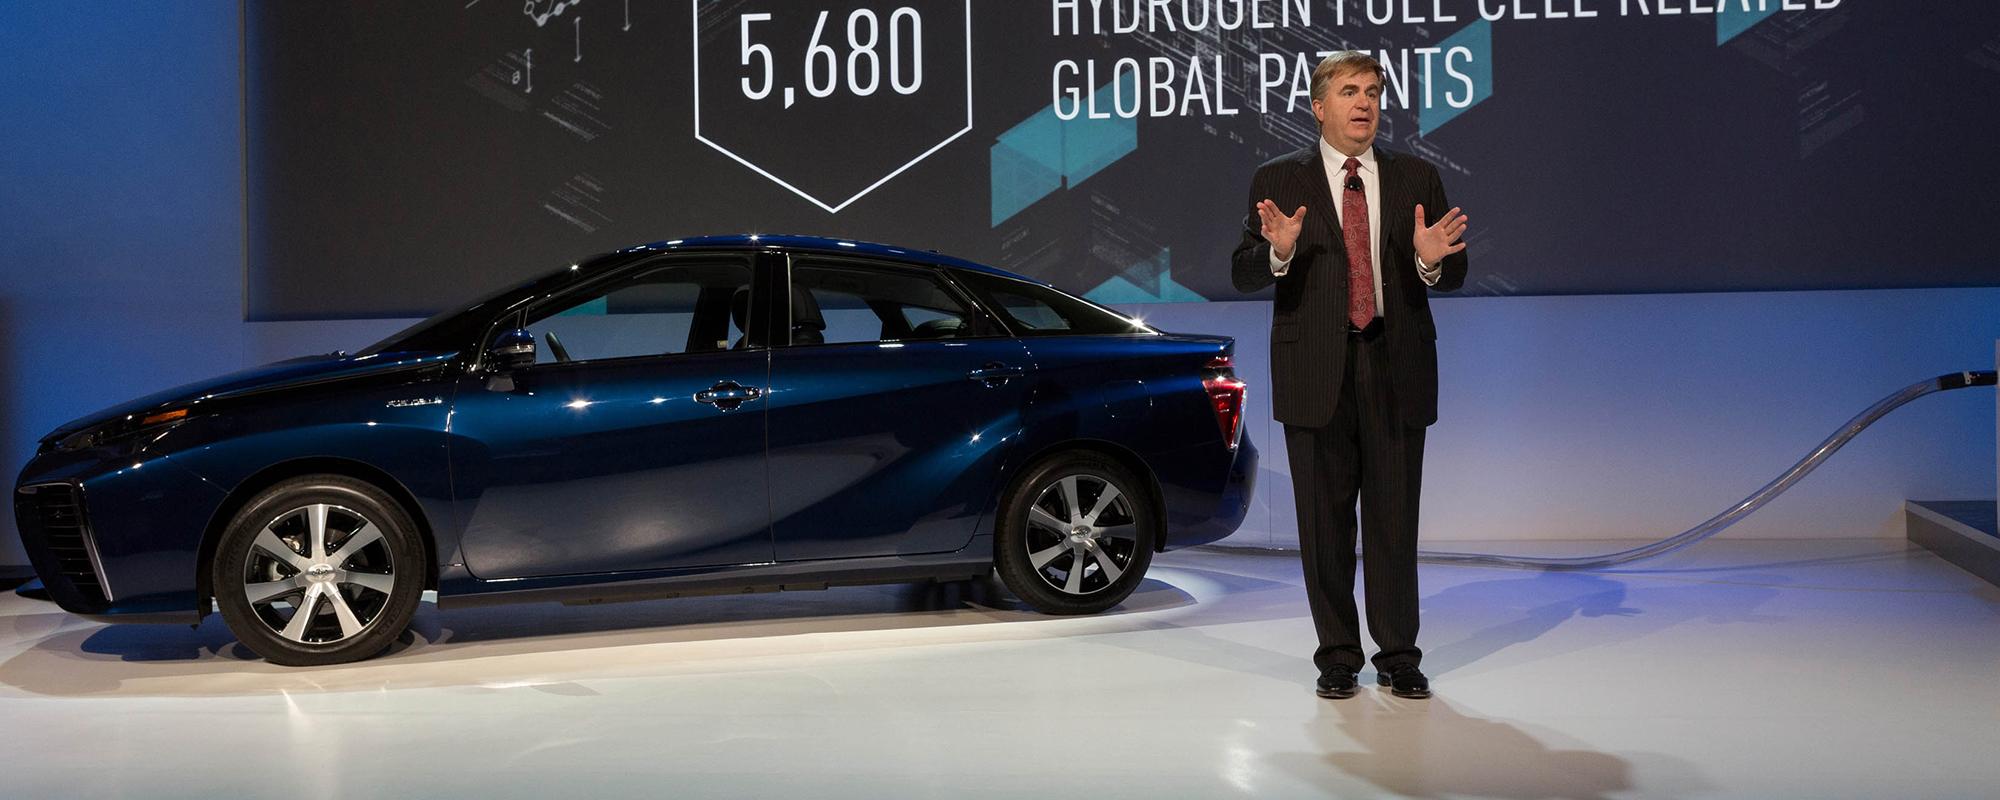 Toyota geeft 5.680 Fuel Cell patenten vrij om schone mobiliteit te stimuleren